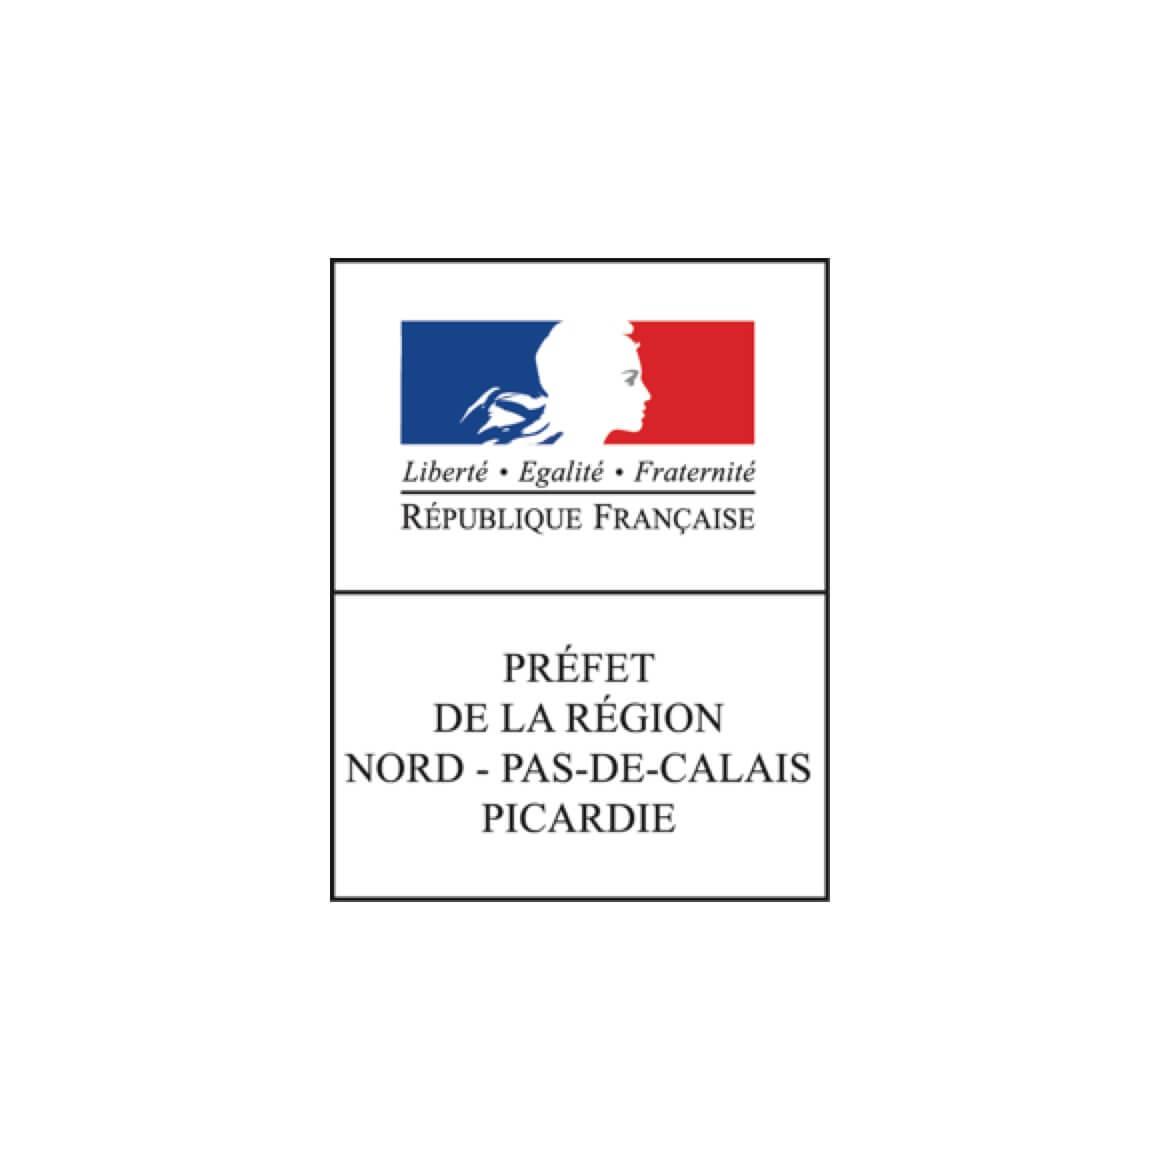 prefet_NPdC-Picardie